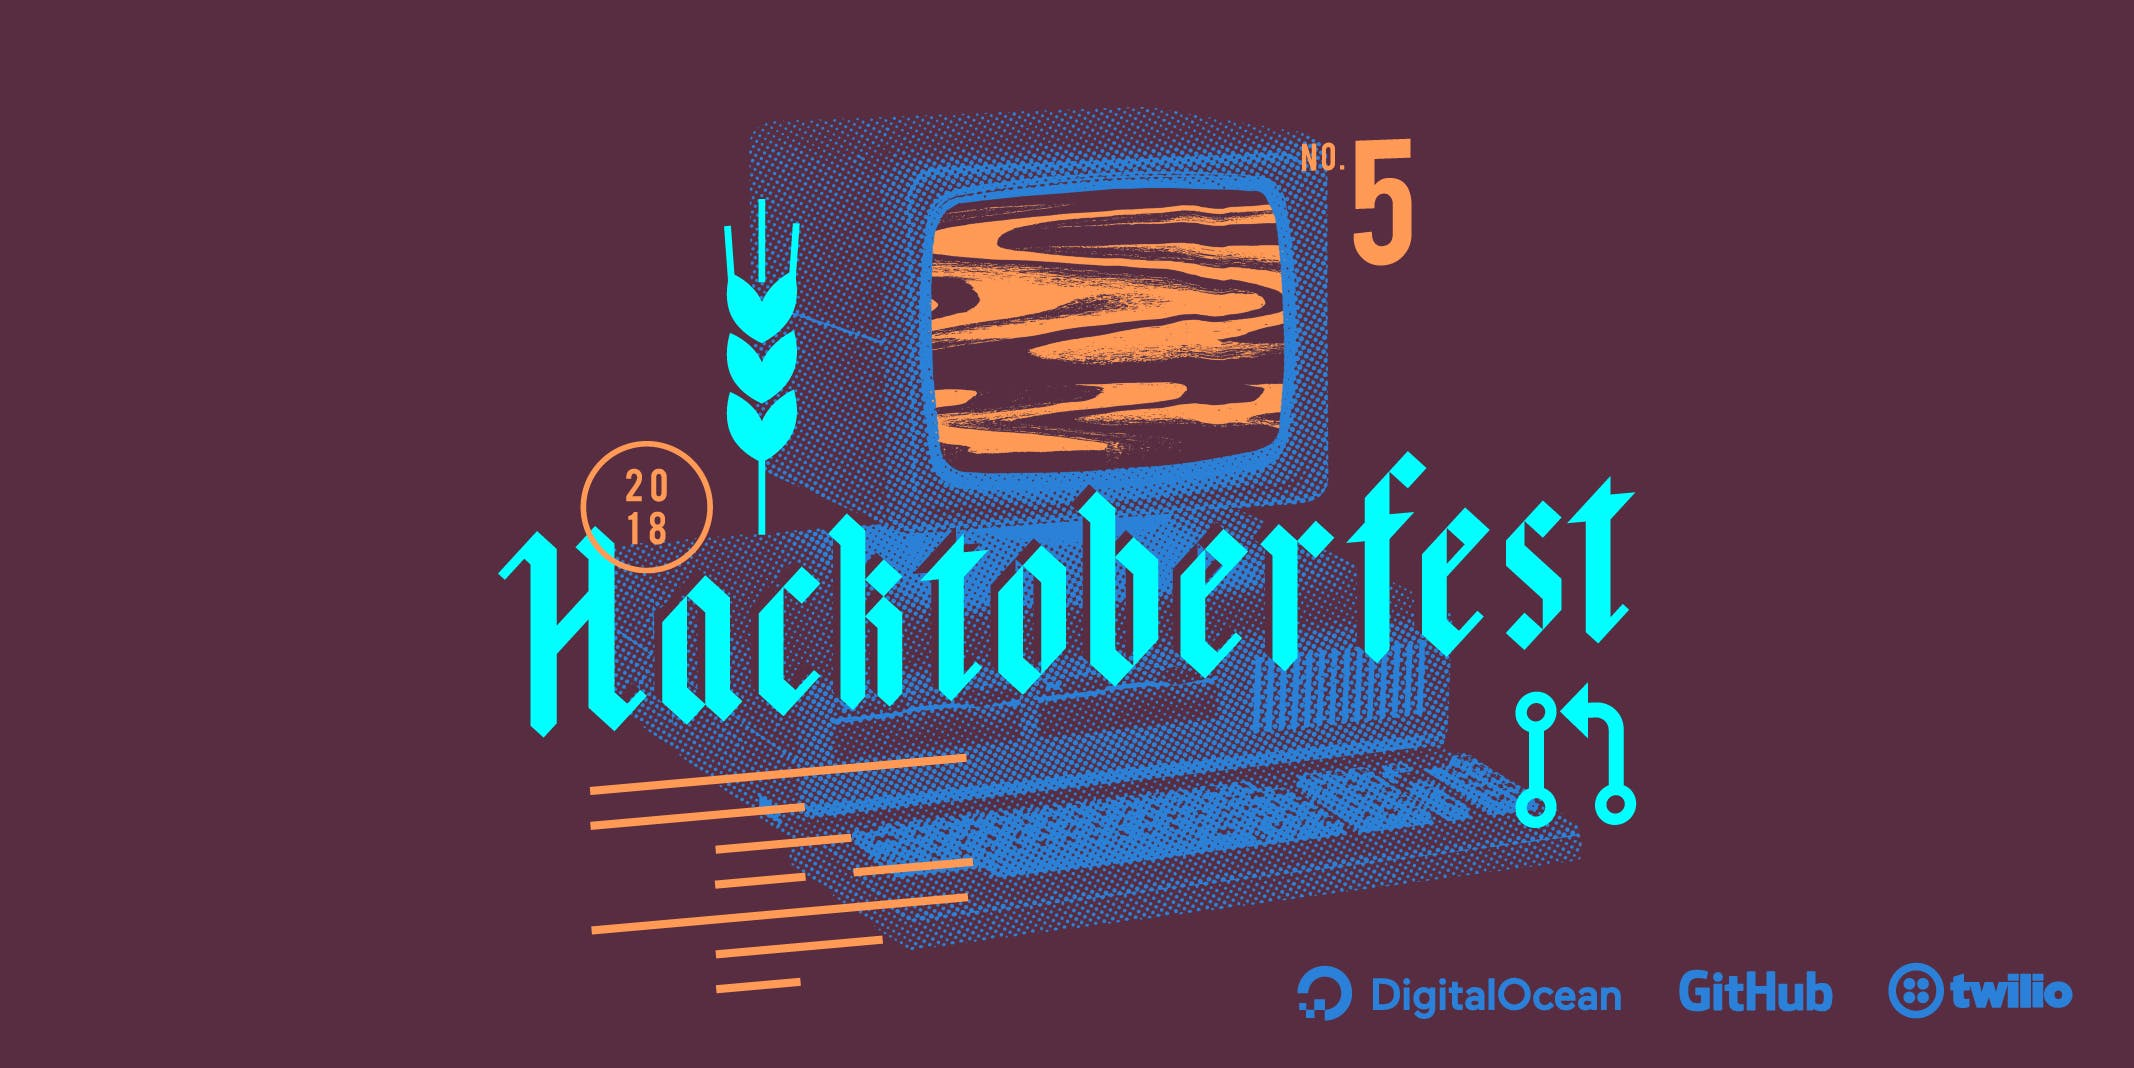 Hacktoberfest 2018 illustration